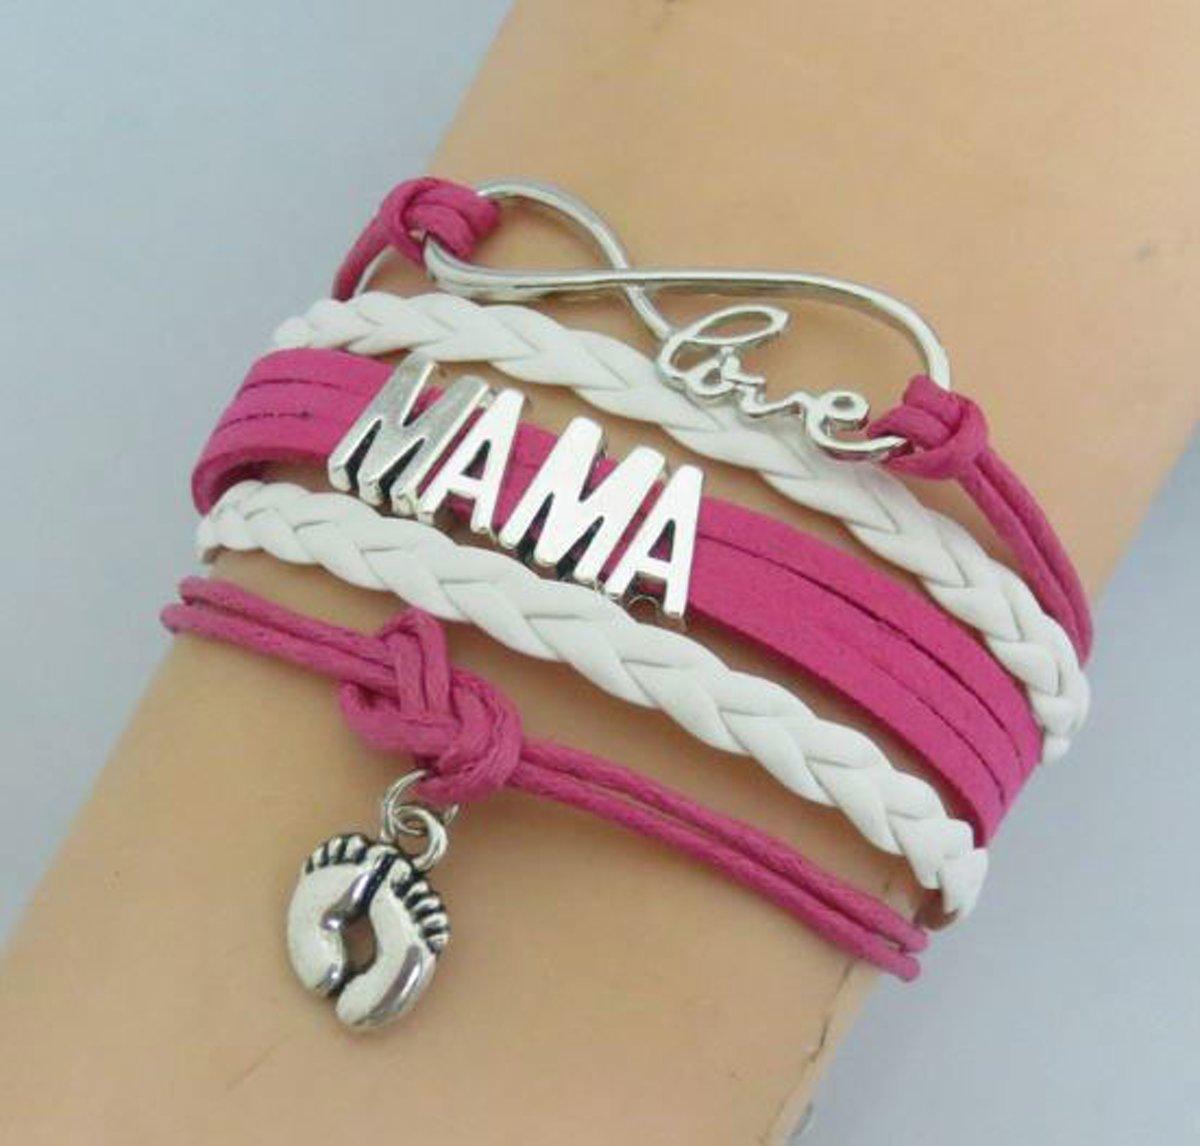 Roze mama wikkelarmband - verjaardagscadeau mama - kraamgeschenk moeder - moederdagcadeau kopen